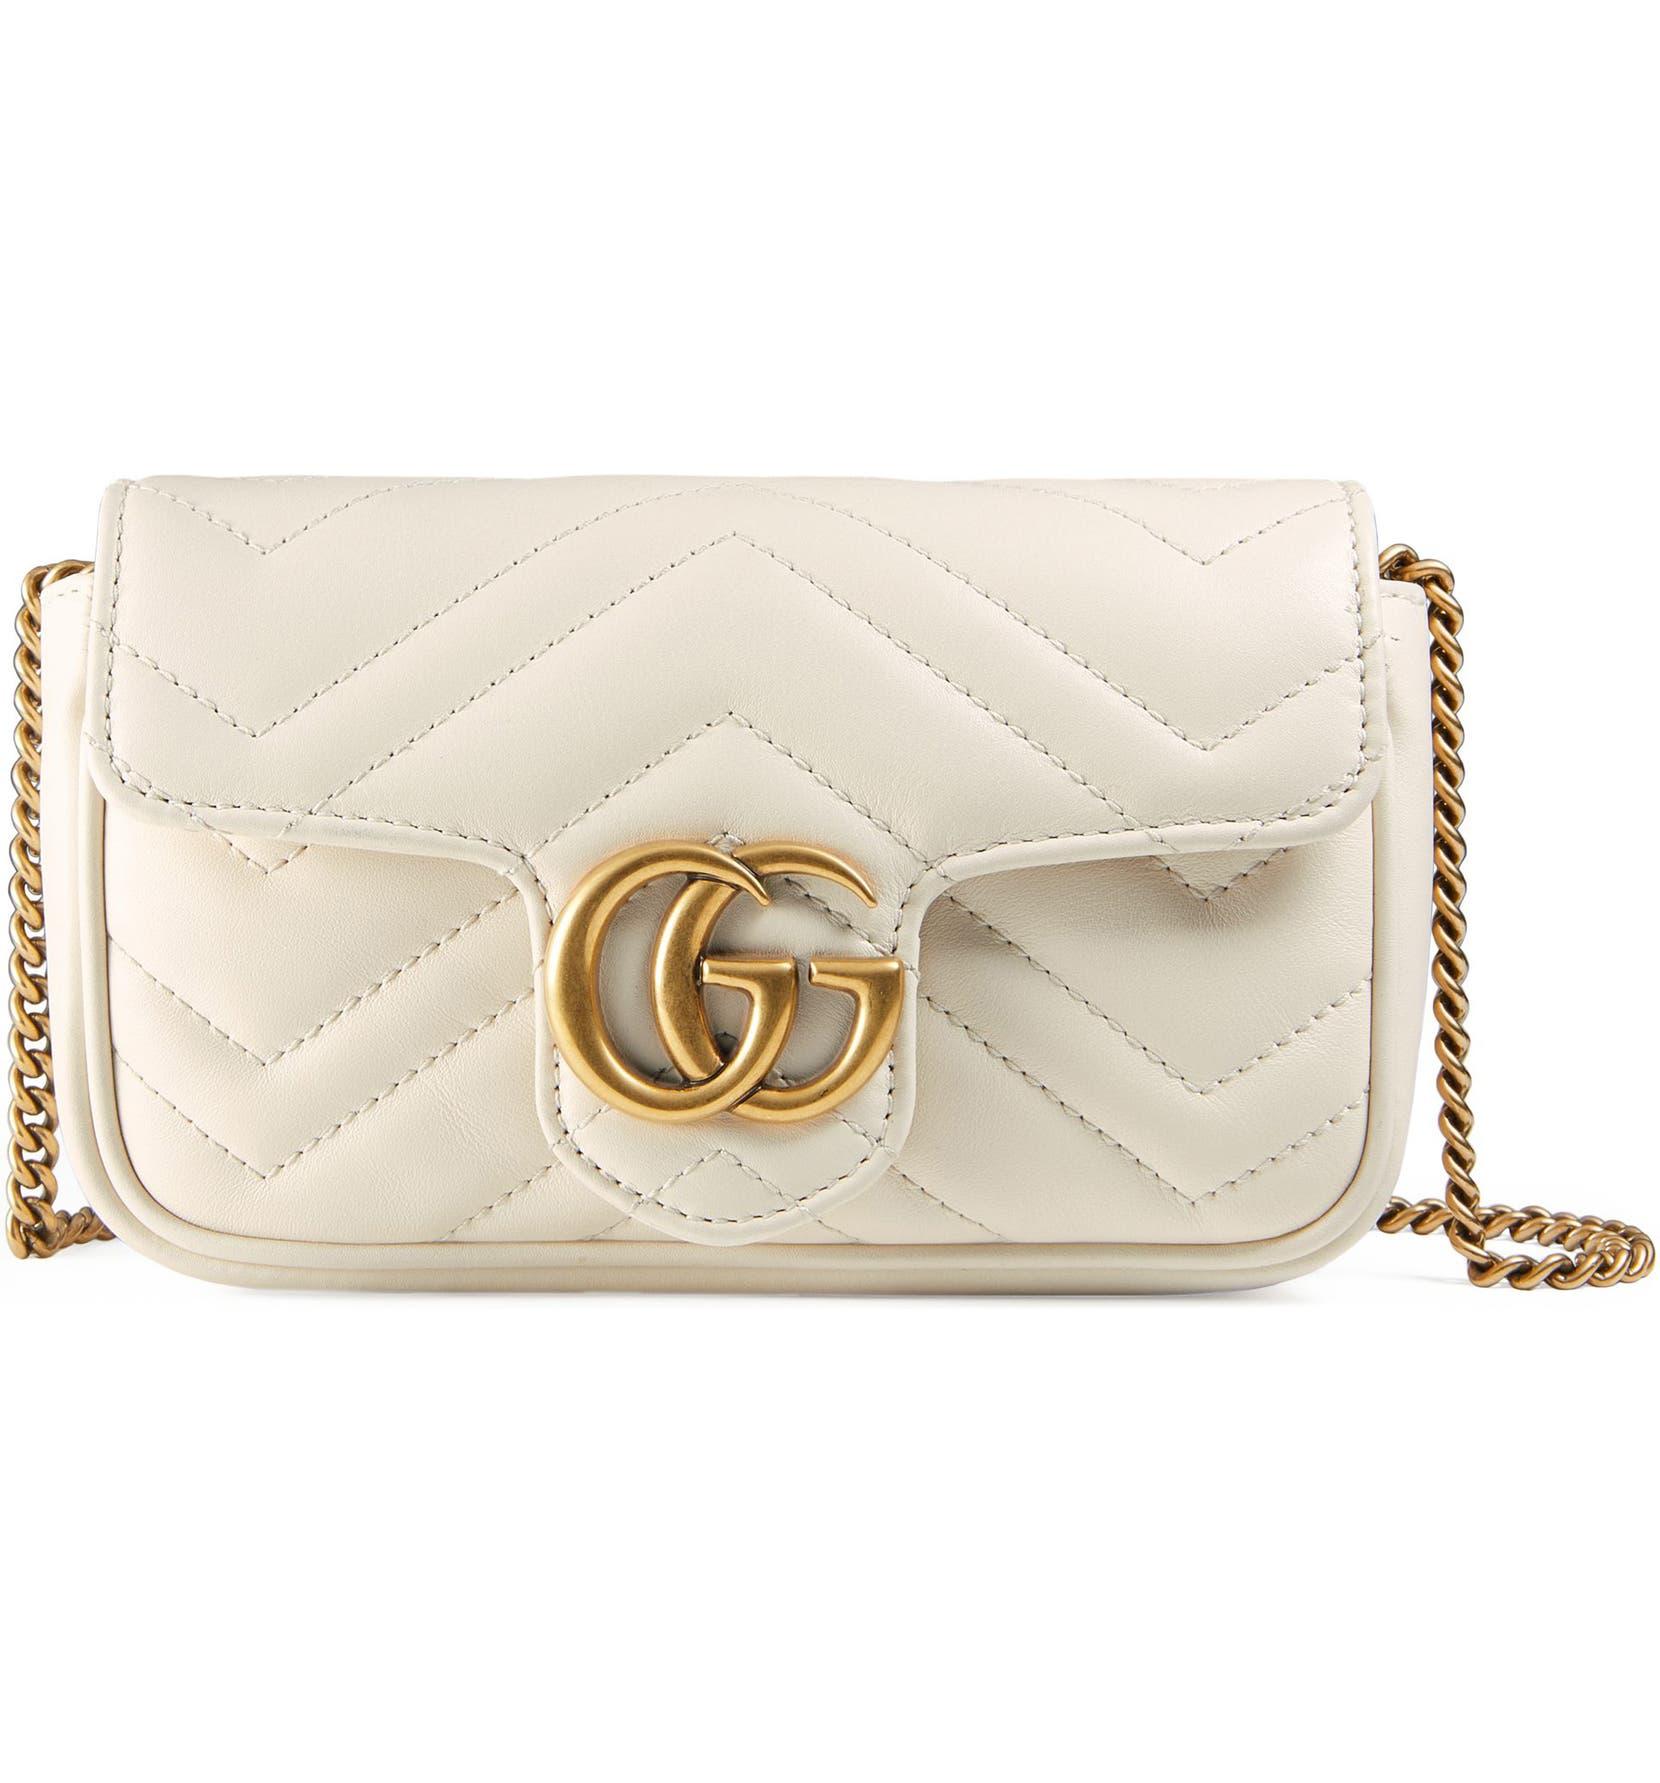 9665770d0522 Gucci Supermini GG Marmont 2.0 Matelassé Leather Shoulder Bag | Nordstrom